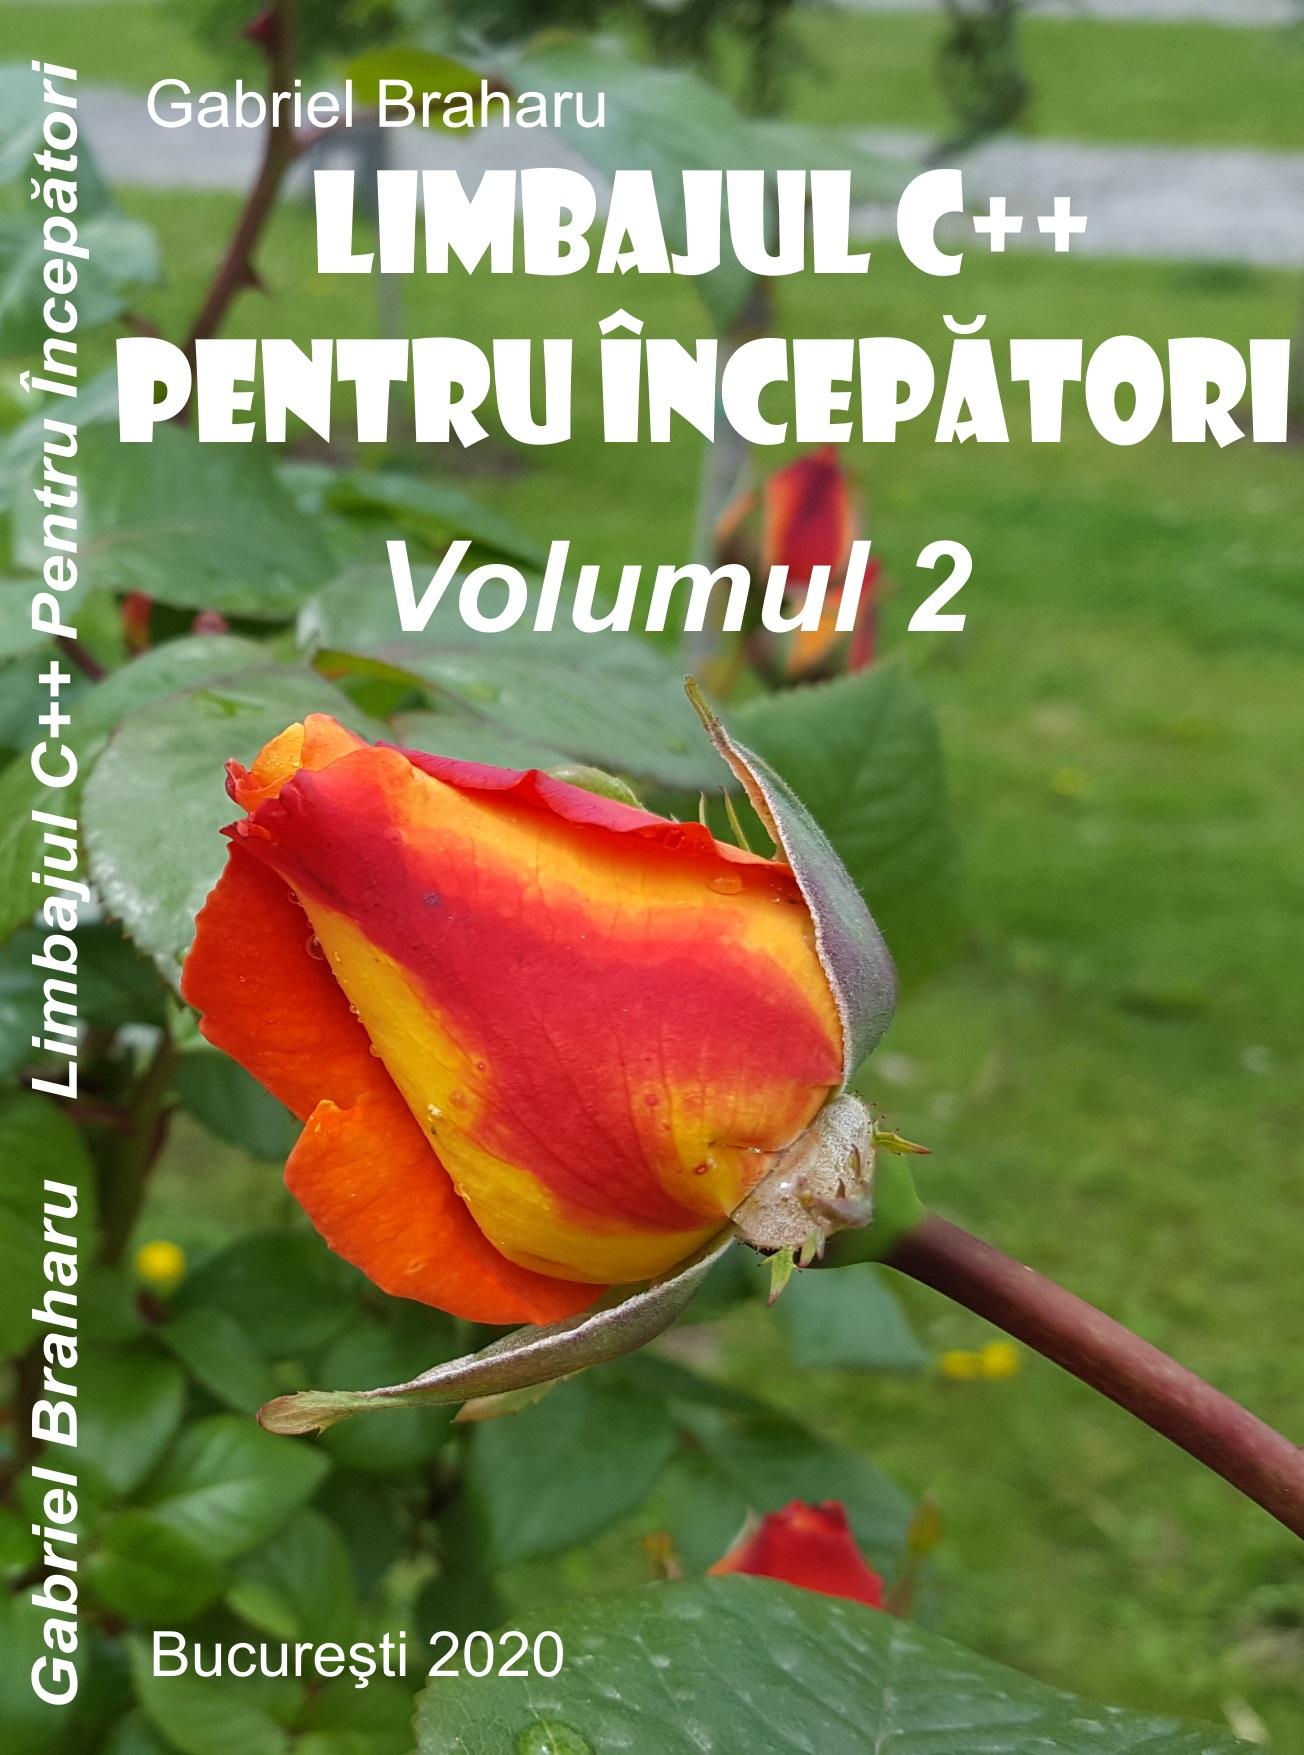 Limbajul C++ Pentru Incepatori (Volumul II)